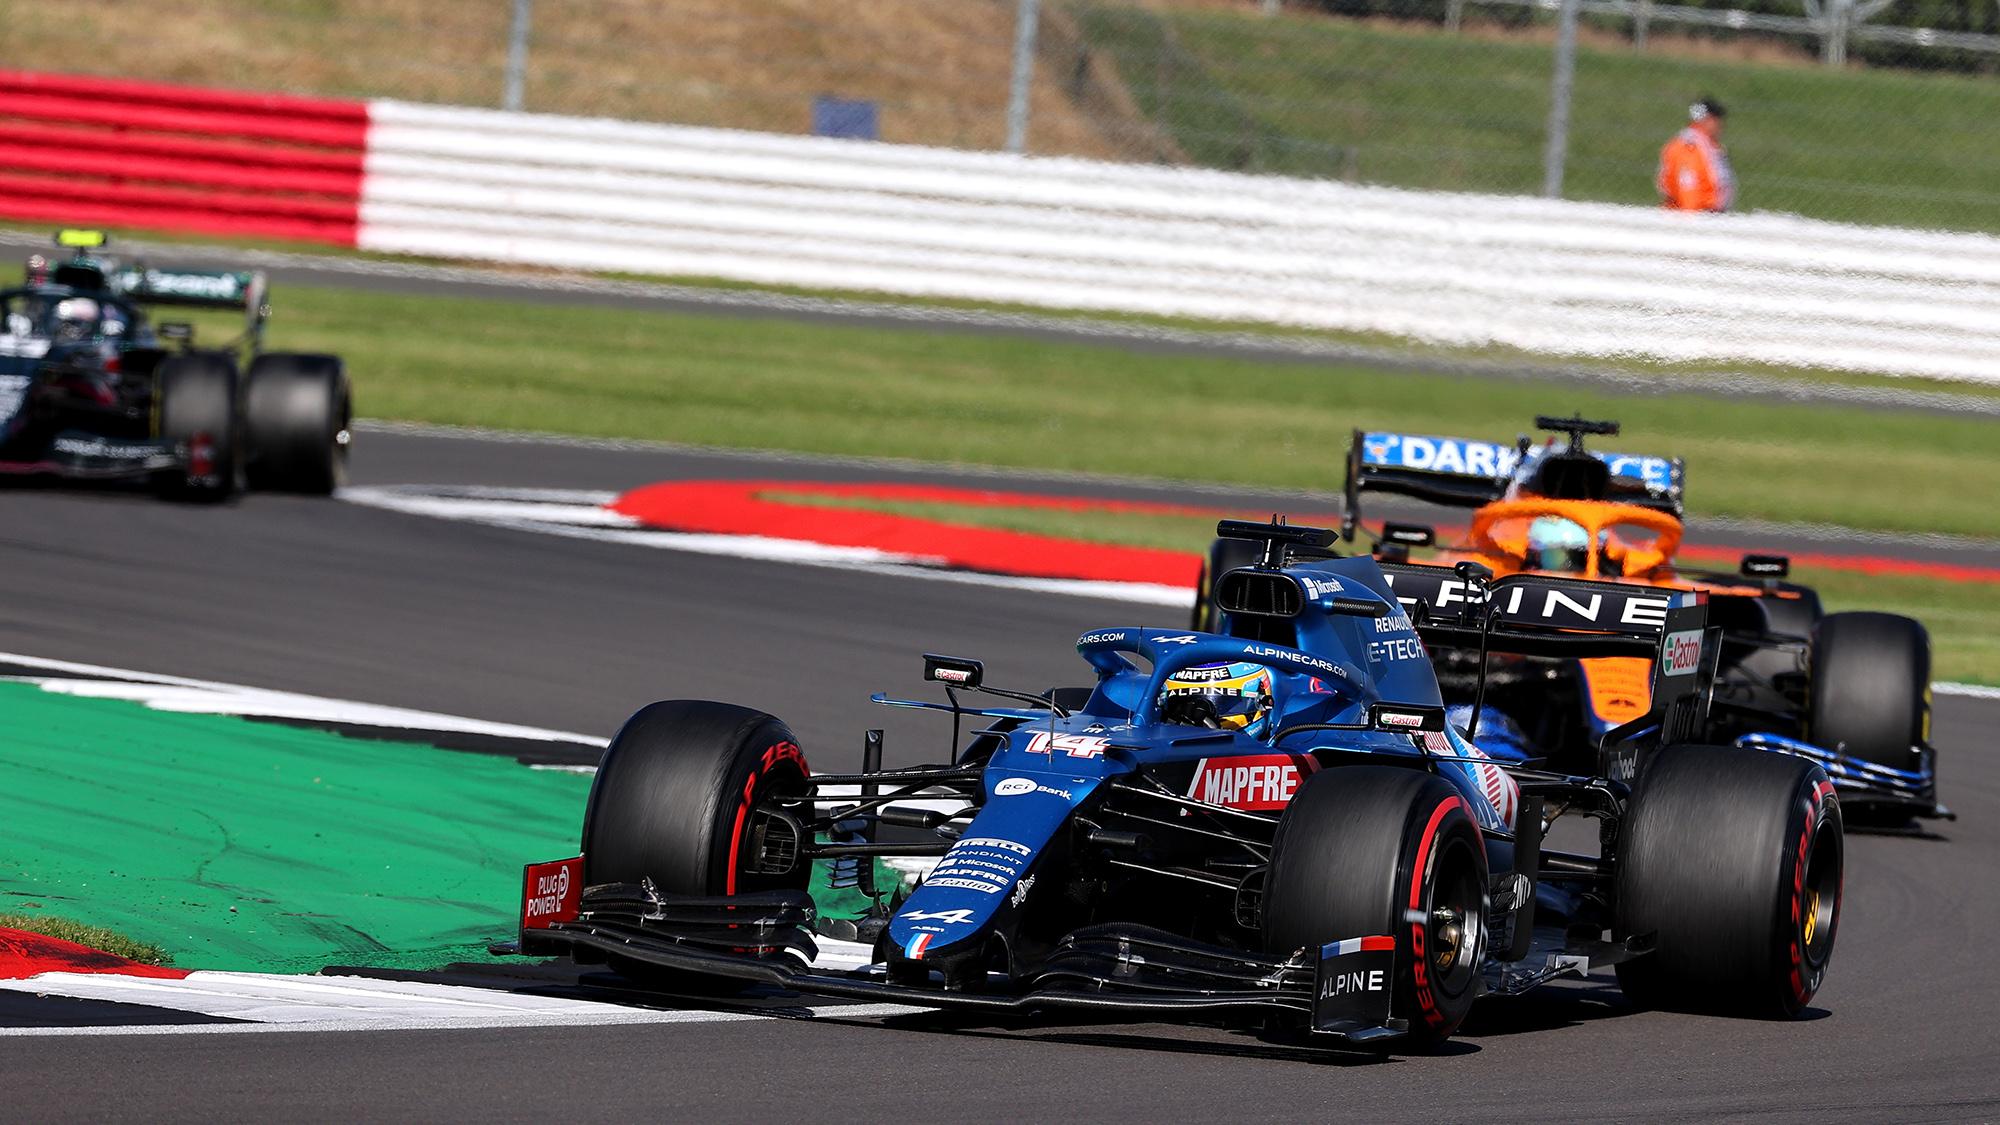 Fernando Alonso ahead of Daniel Ricciardo in the 2021 British Grand Prix